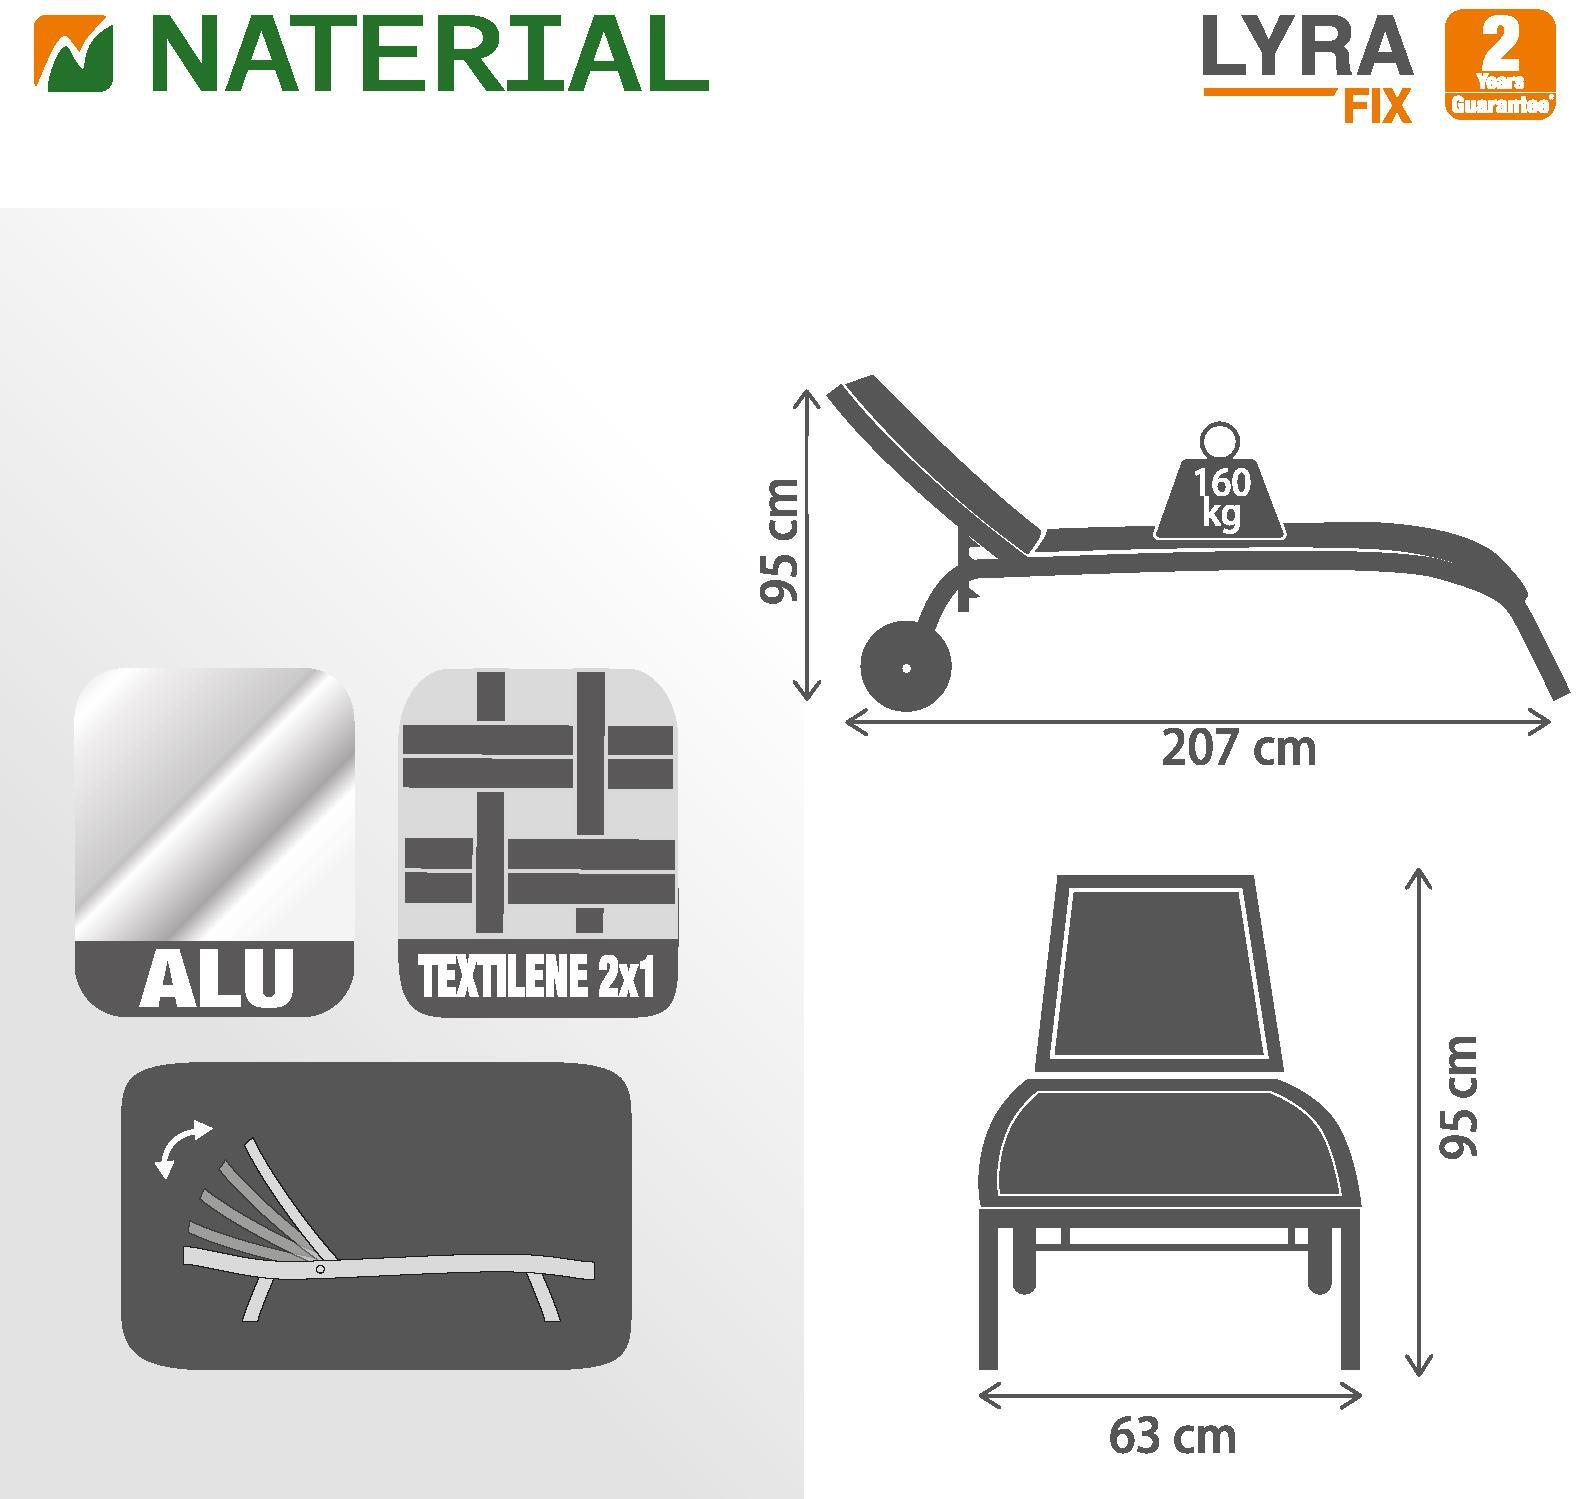 Lettino senza cuscino impilabile NATERIAL Lyra in alluminio grigio scuro - 11